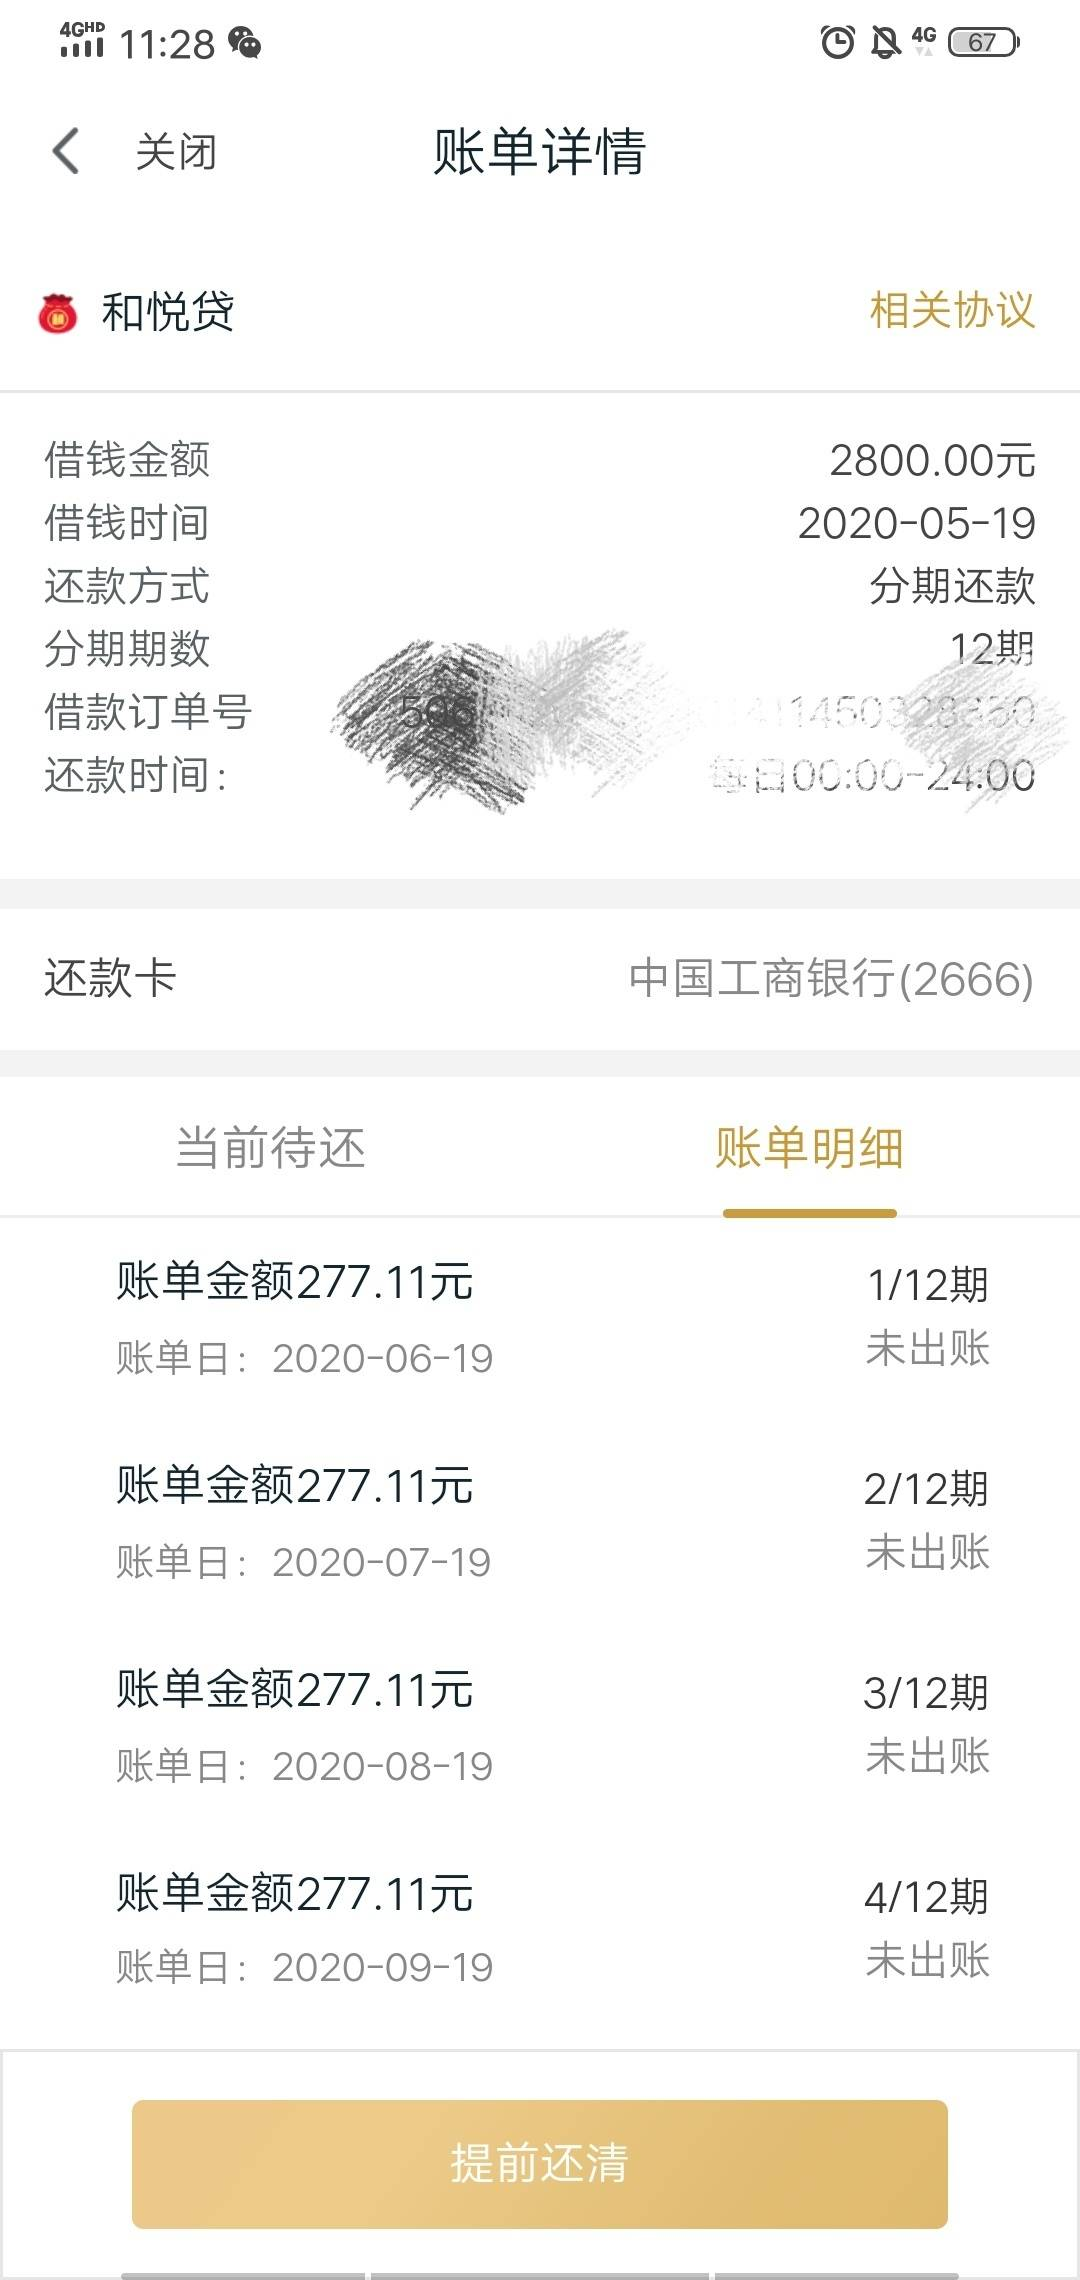 #和包支付能不能下款#征集测评,获奖得88现金!!46 / 作者:azz66666 /